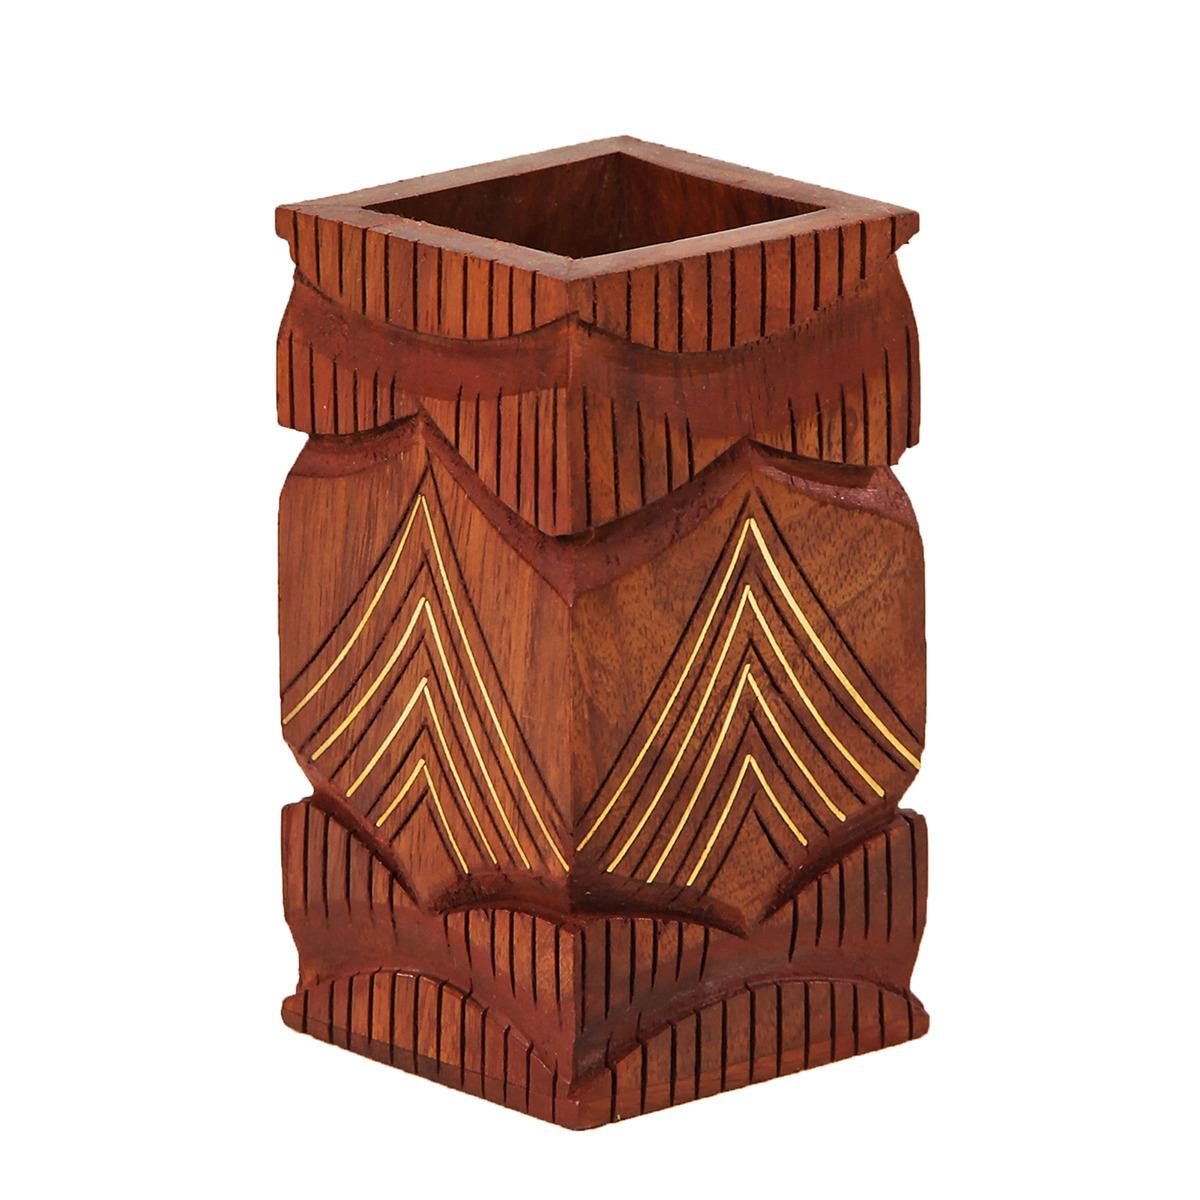 Подставка для канцелярских принадлежностей Гора, 2358227, коричневый, 5,7 х 5,7 х 10 см